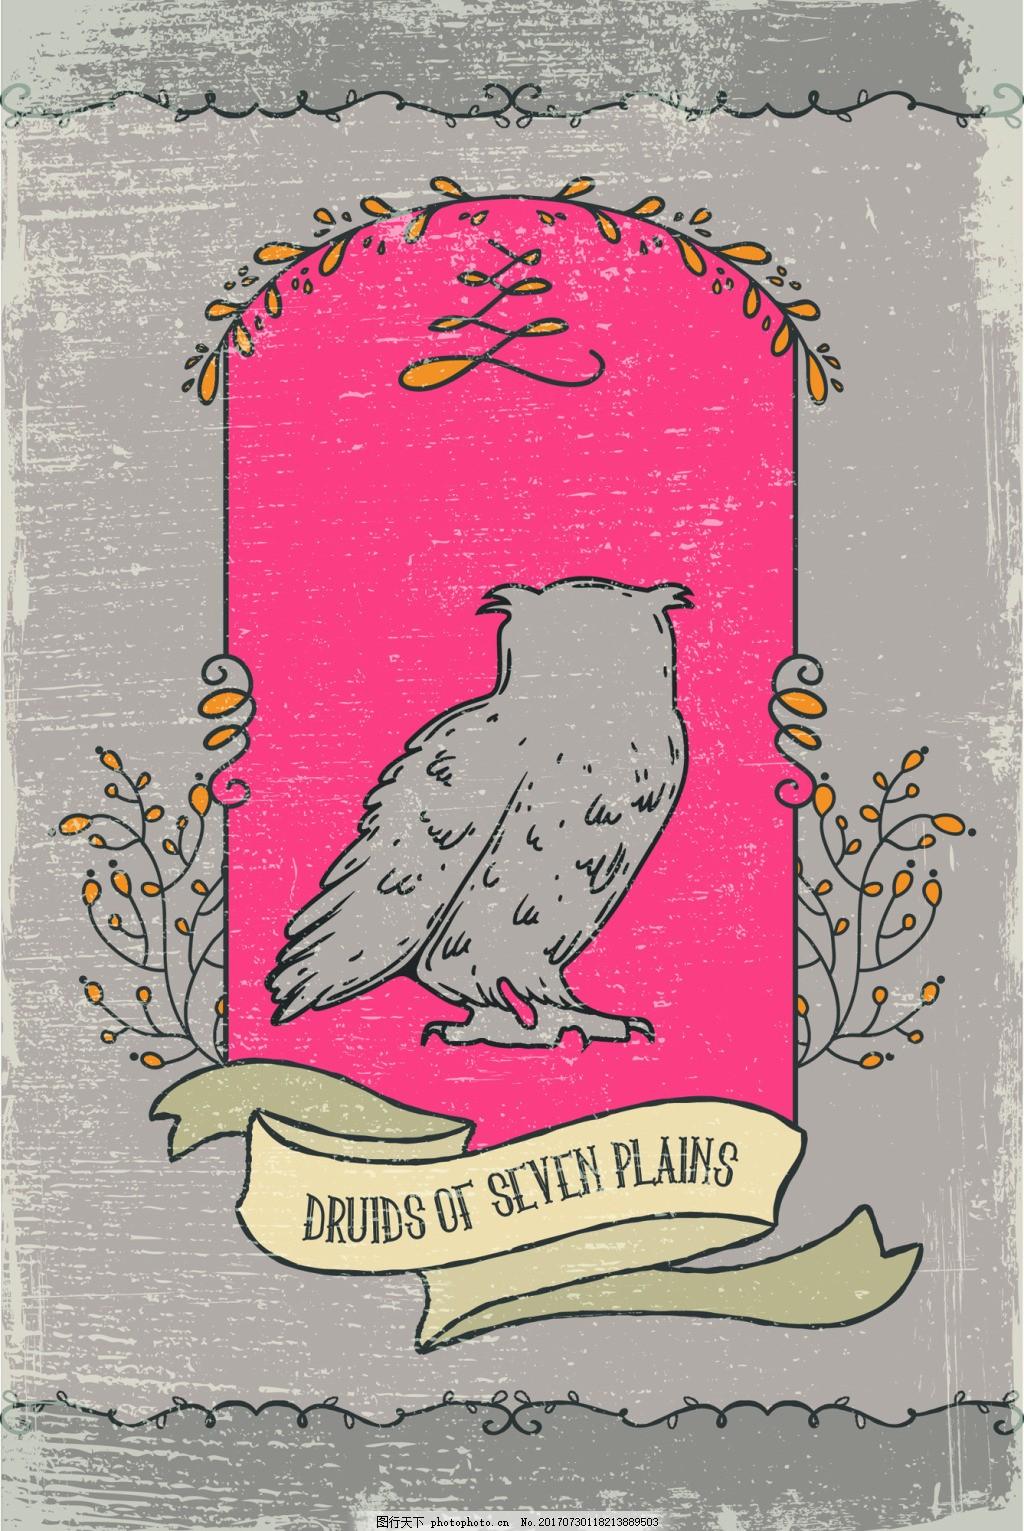 矢量设计猫头鹰素材 鸟类 动物 源文件 平面设计素材 图标元素